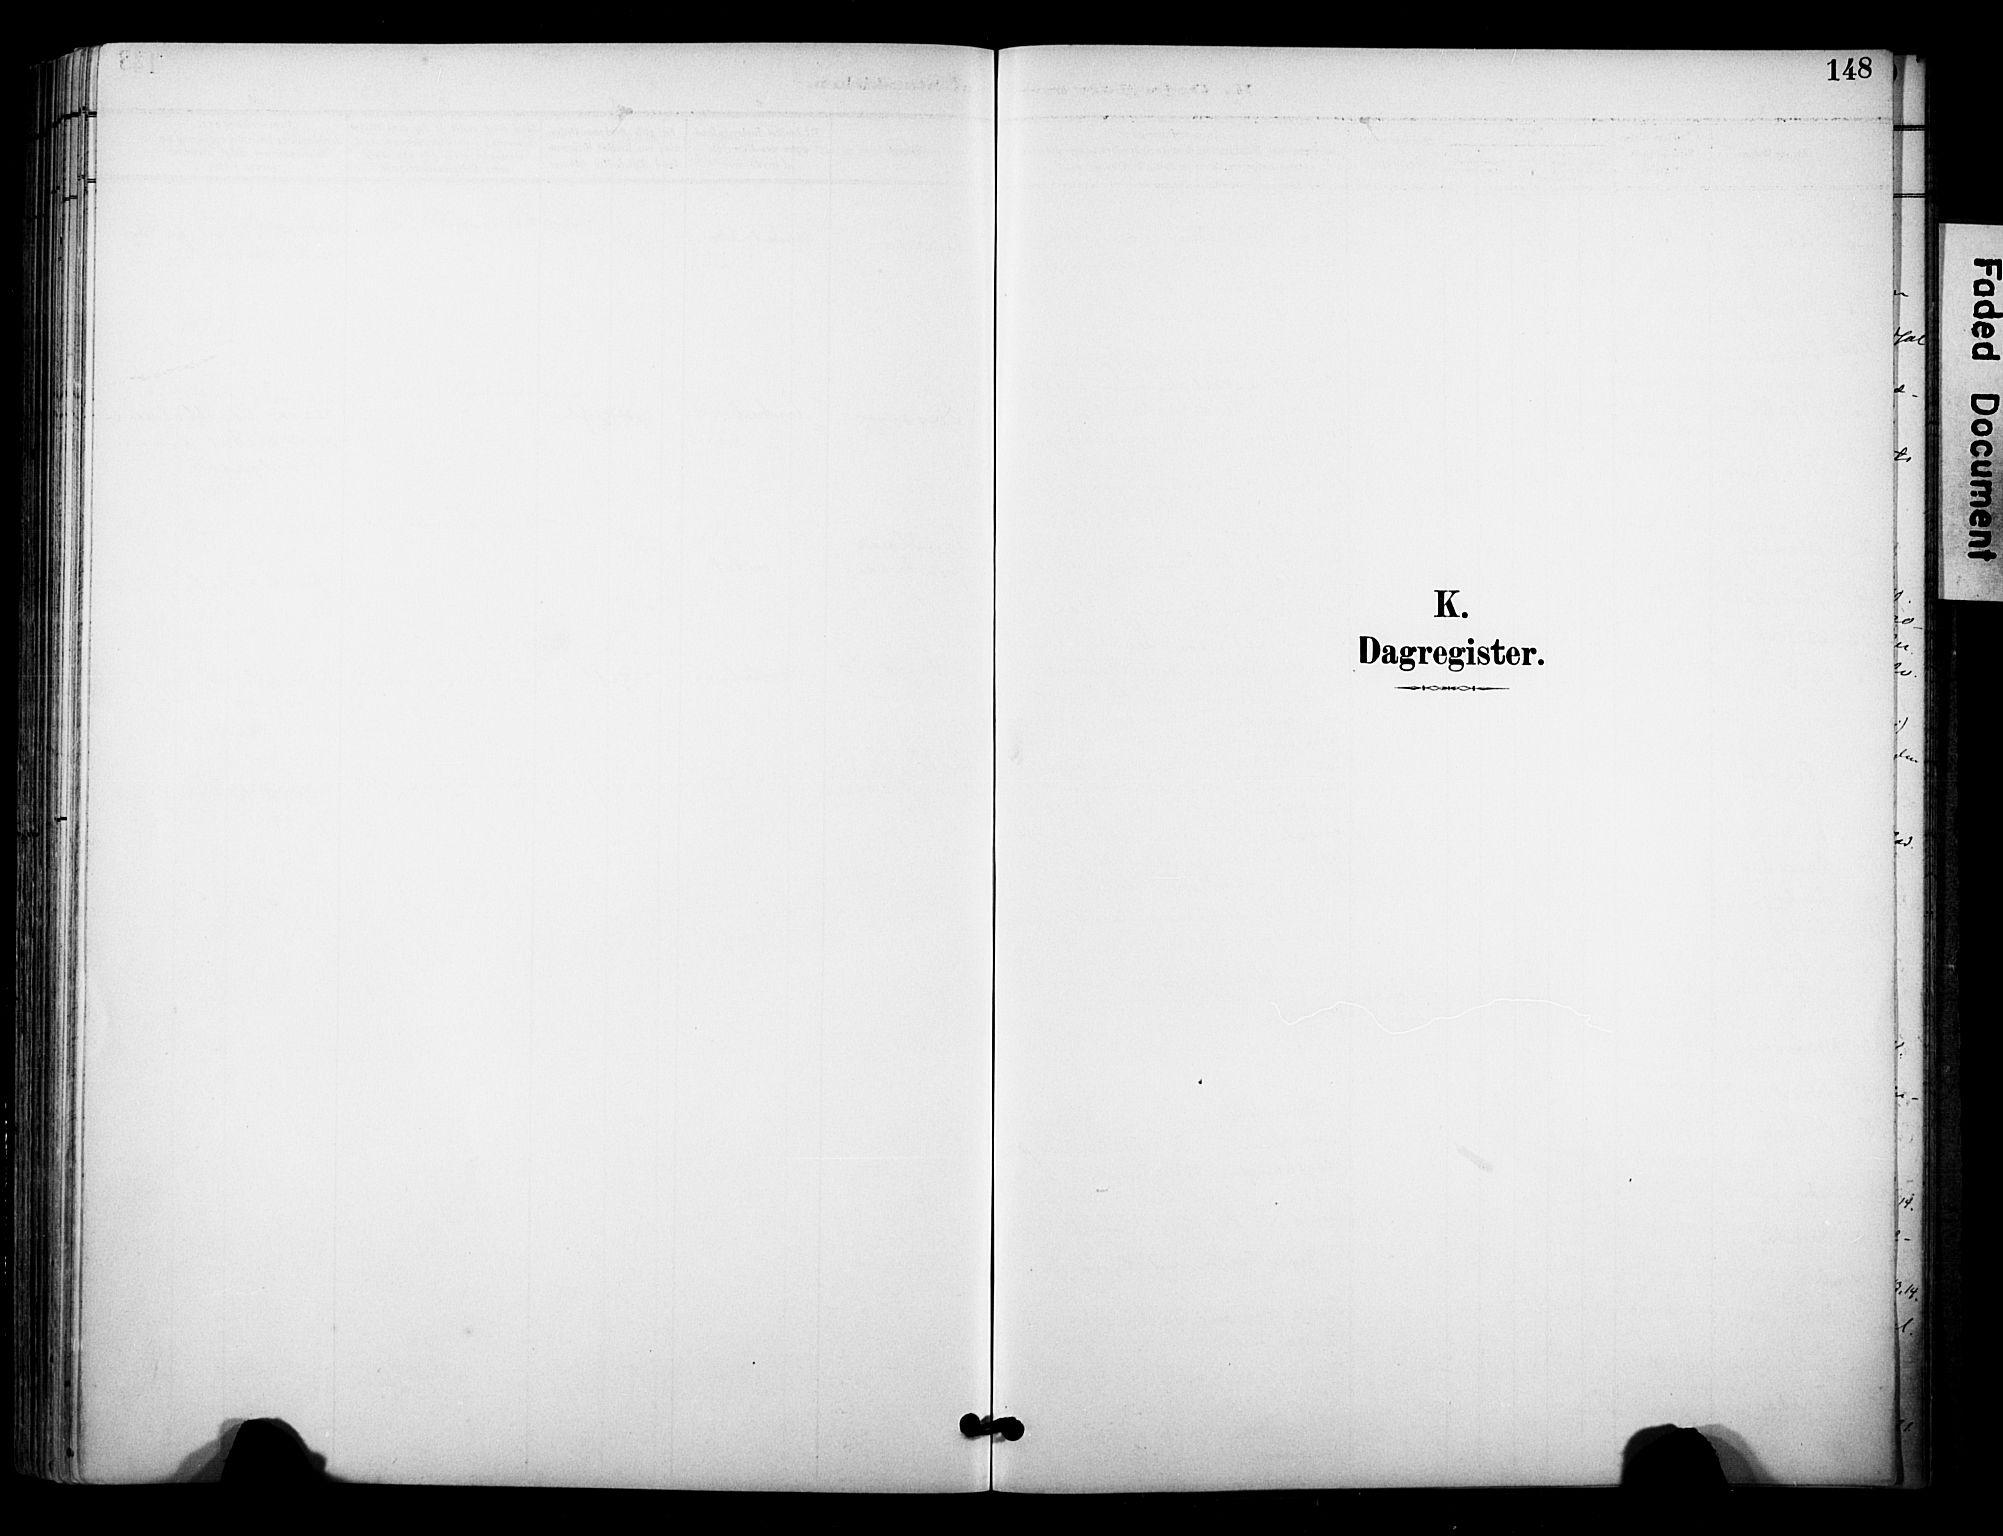 SAKO, Bø kirkebøker, F/Fa/L0011: Ministerialbok nr. 11, 1892-1900, s. 148